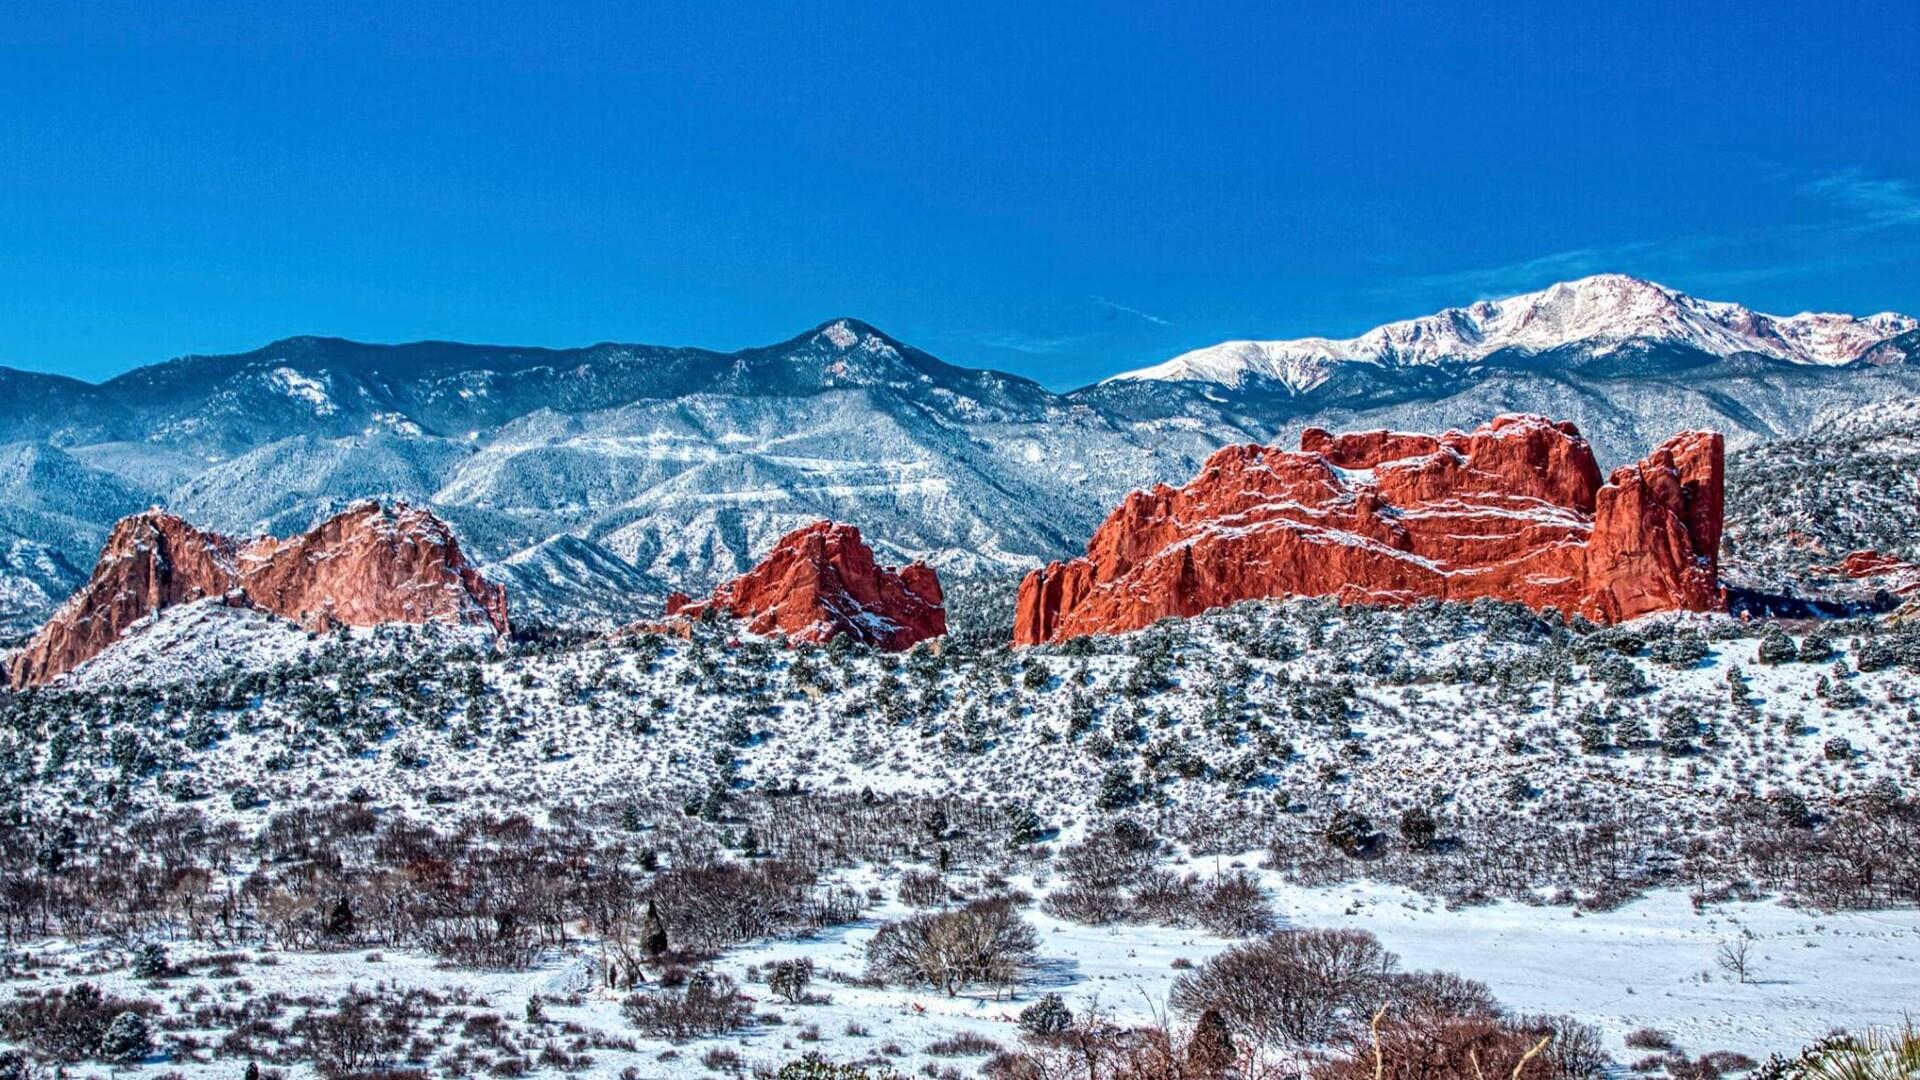 Garden of the Gods Snow Mesa Overlook Larry Marr.jpg